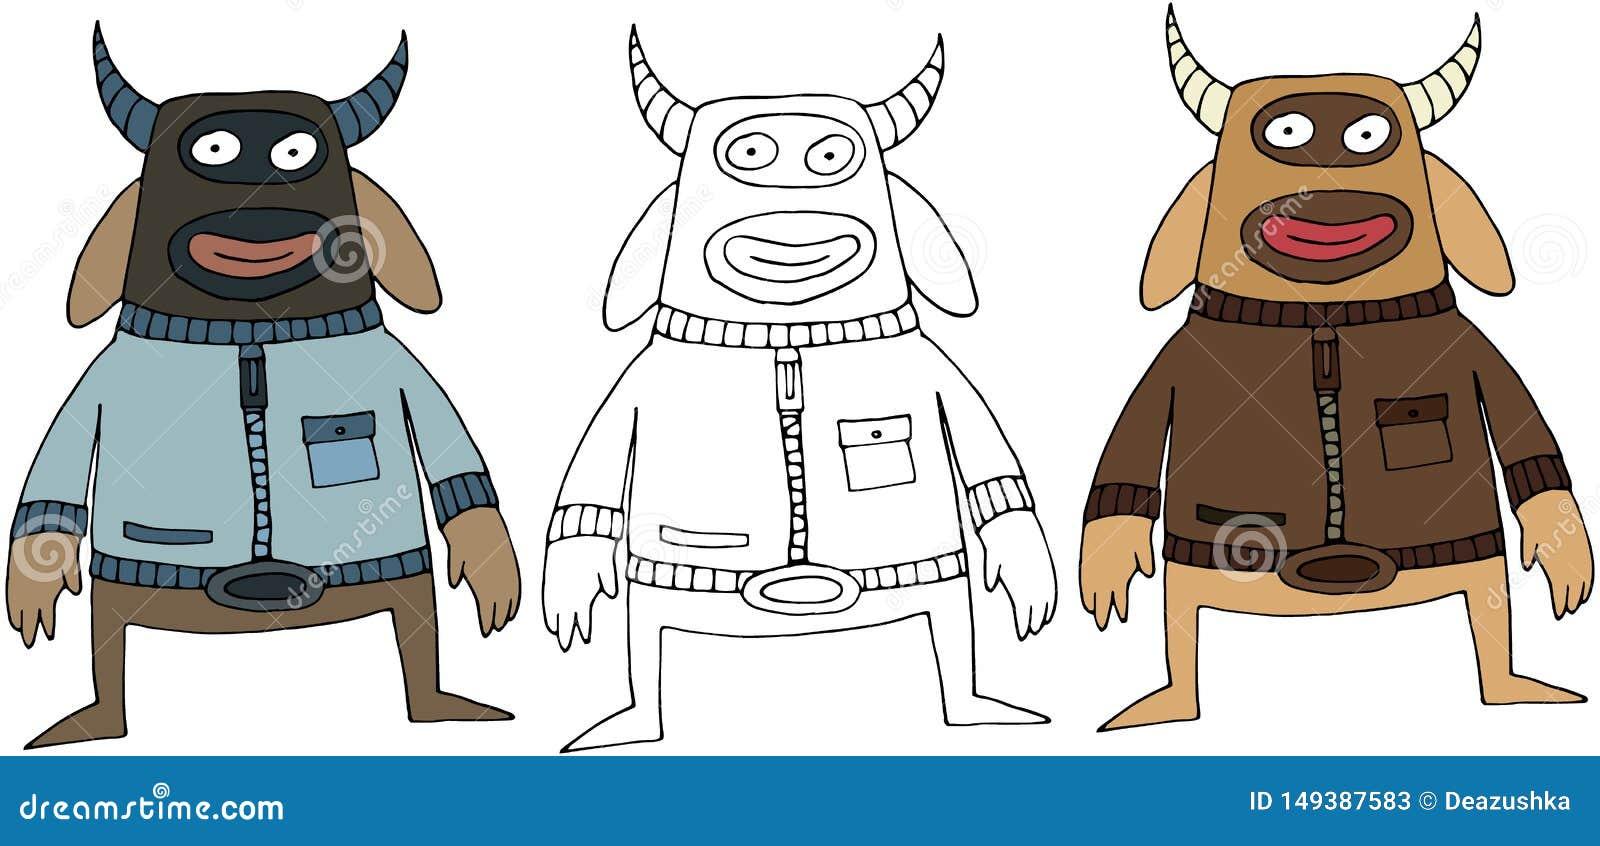 Aislante exhausto del monstruo de la historieta del color del garabato de la mano feliz divertida de la vaca